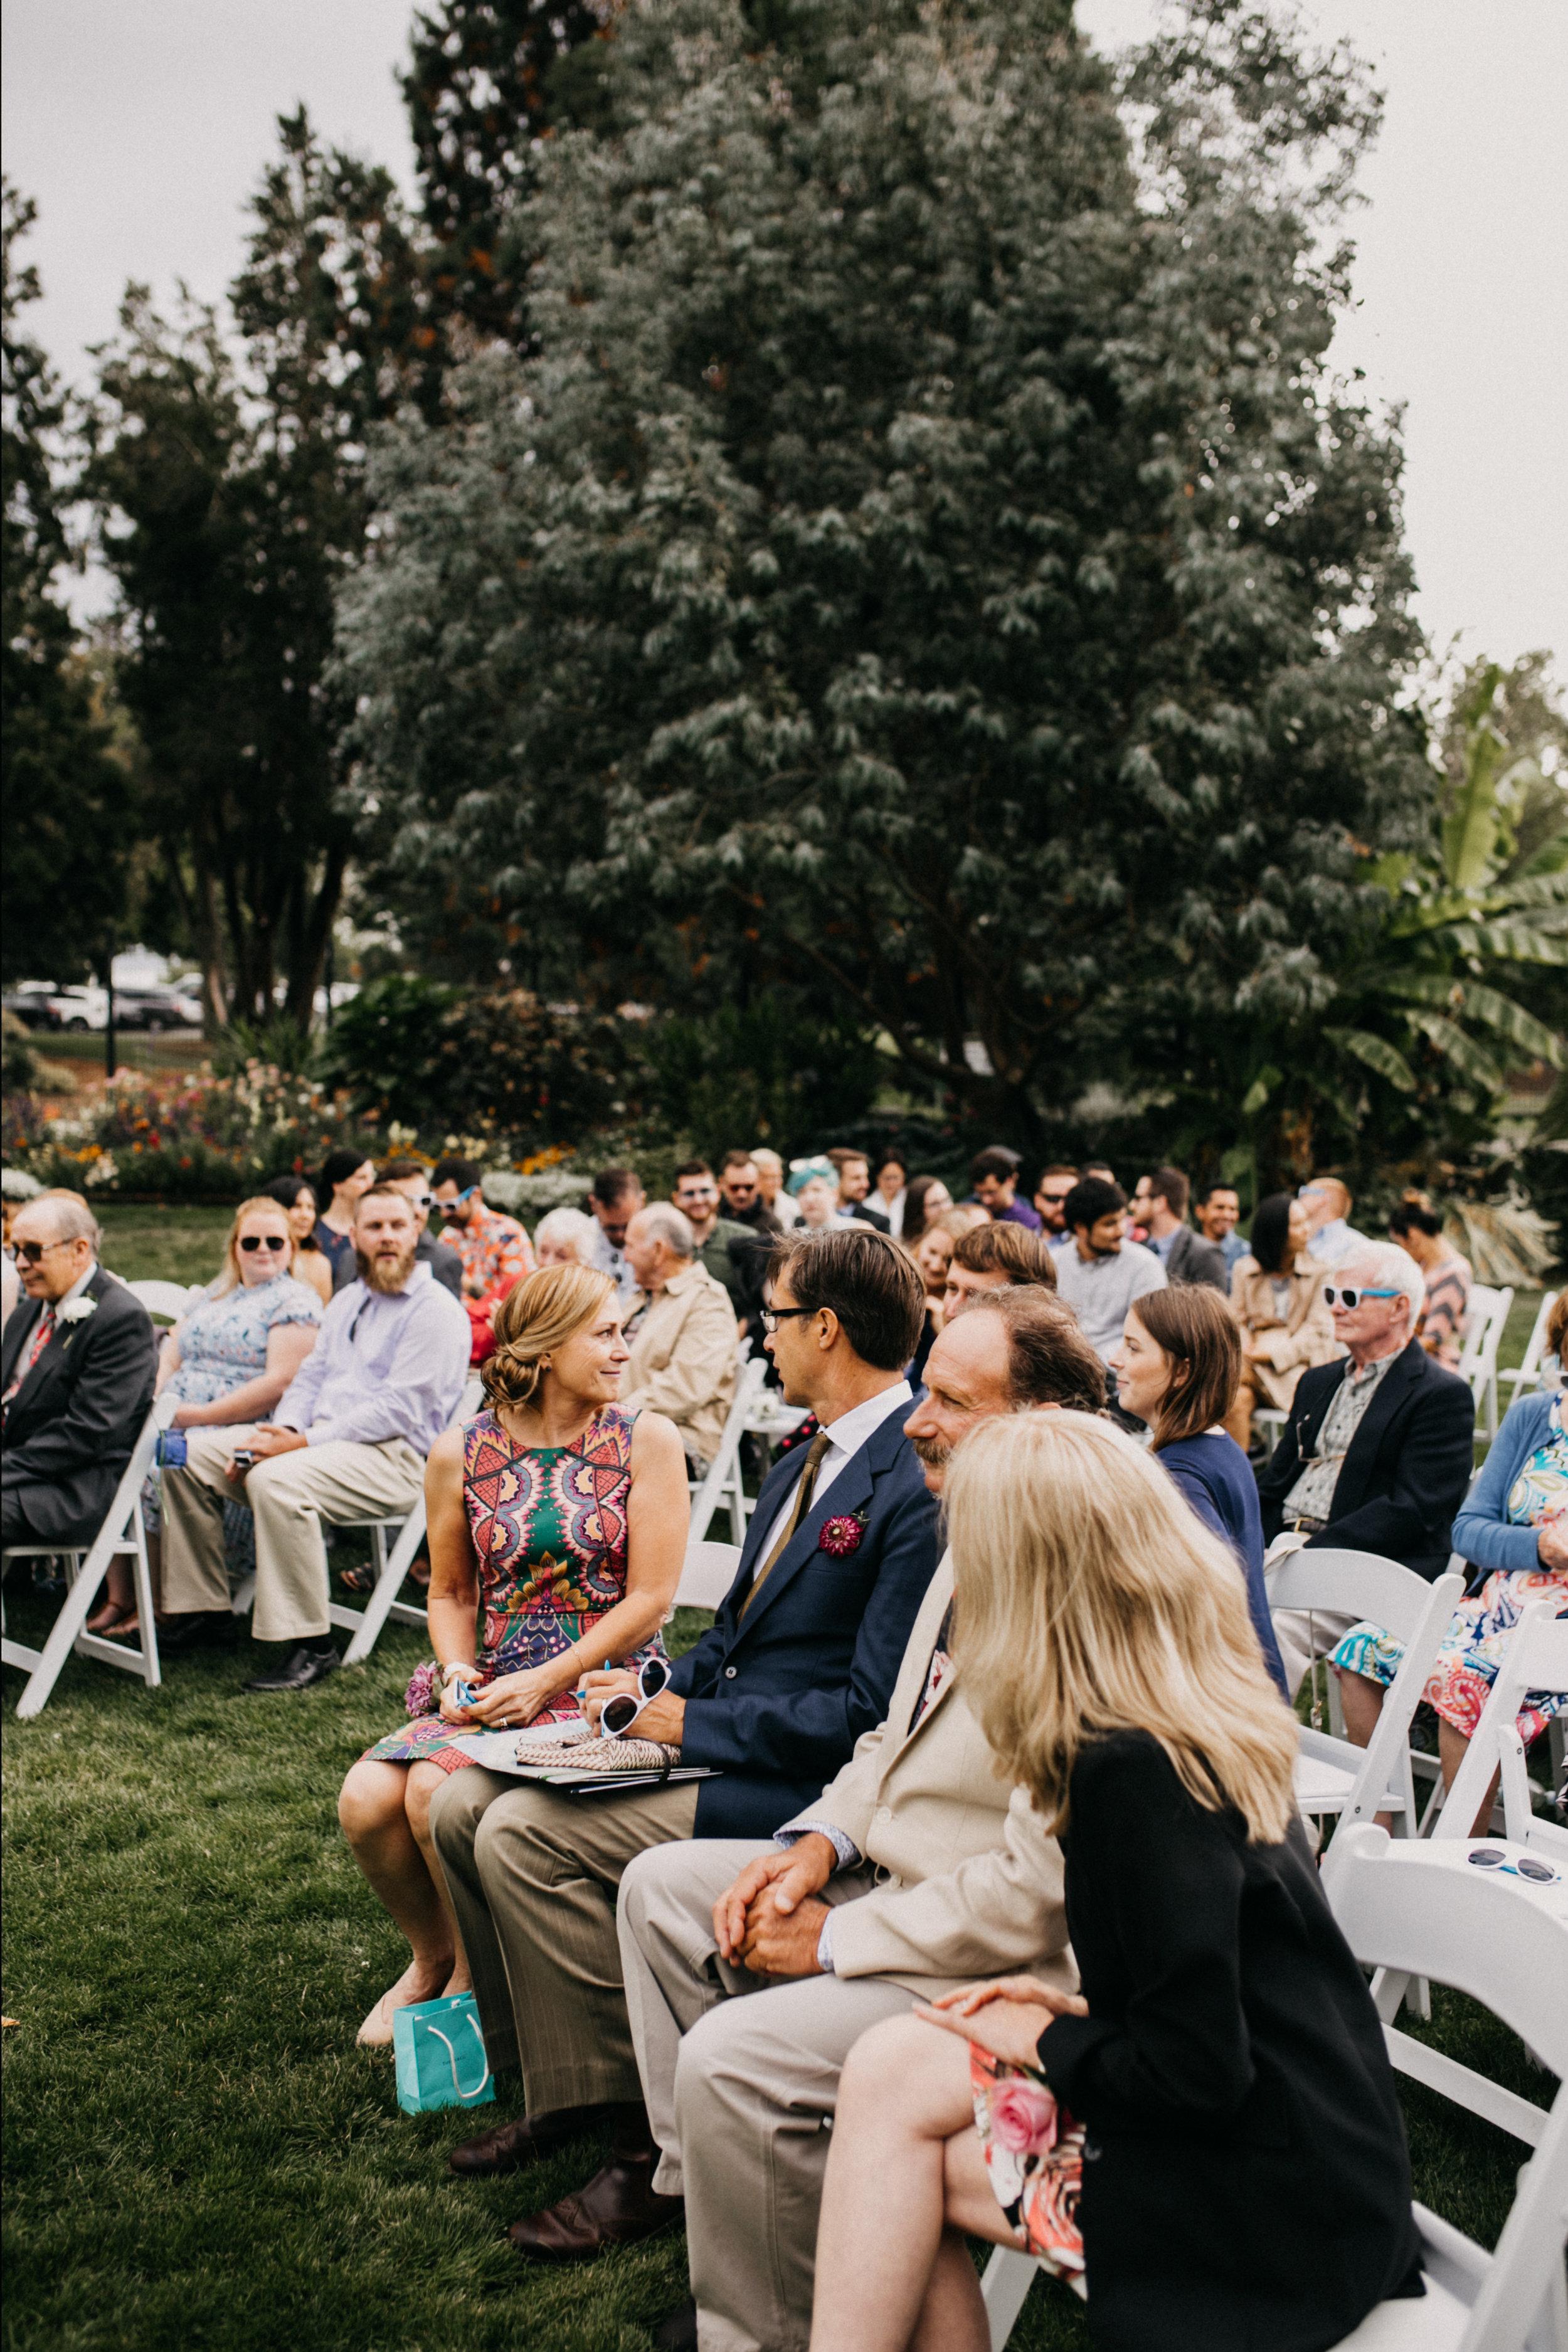 PointDefianceRoseGarden_Wedding_Stuberg_Melaphoto-5144.jpg